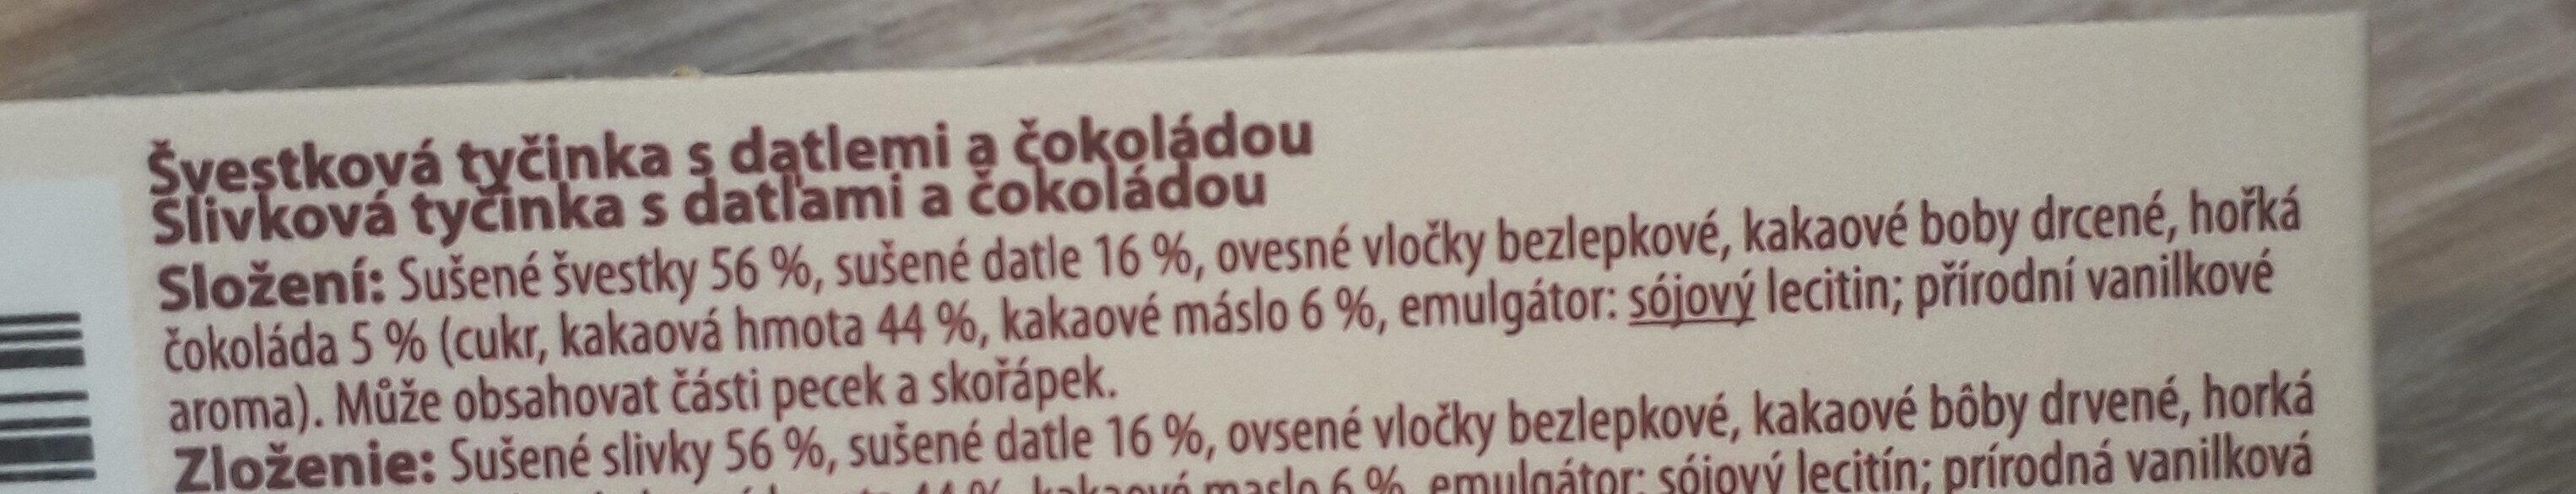 mixitka švestka a čokoláda - Ingrédients - cs